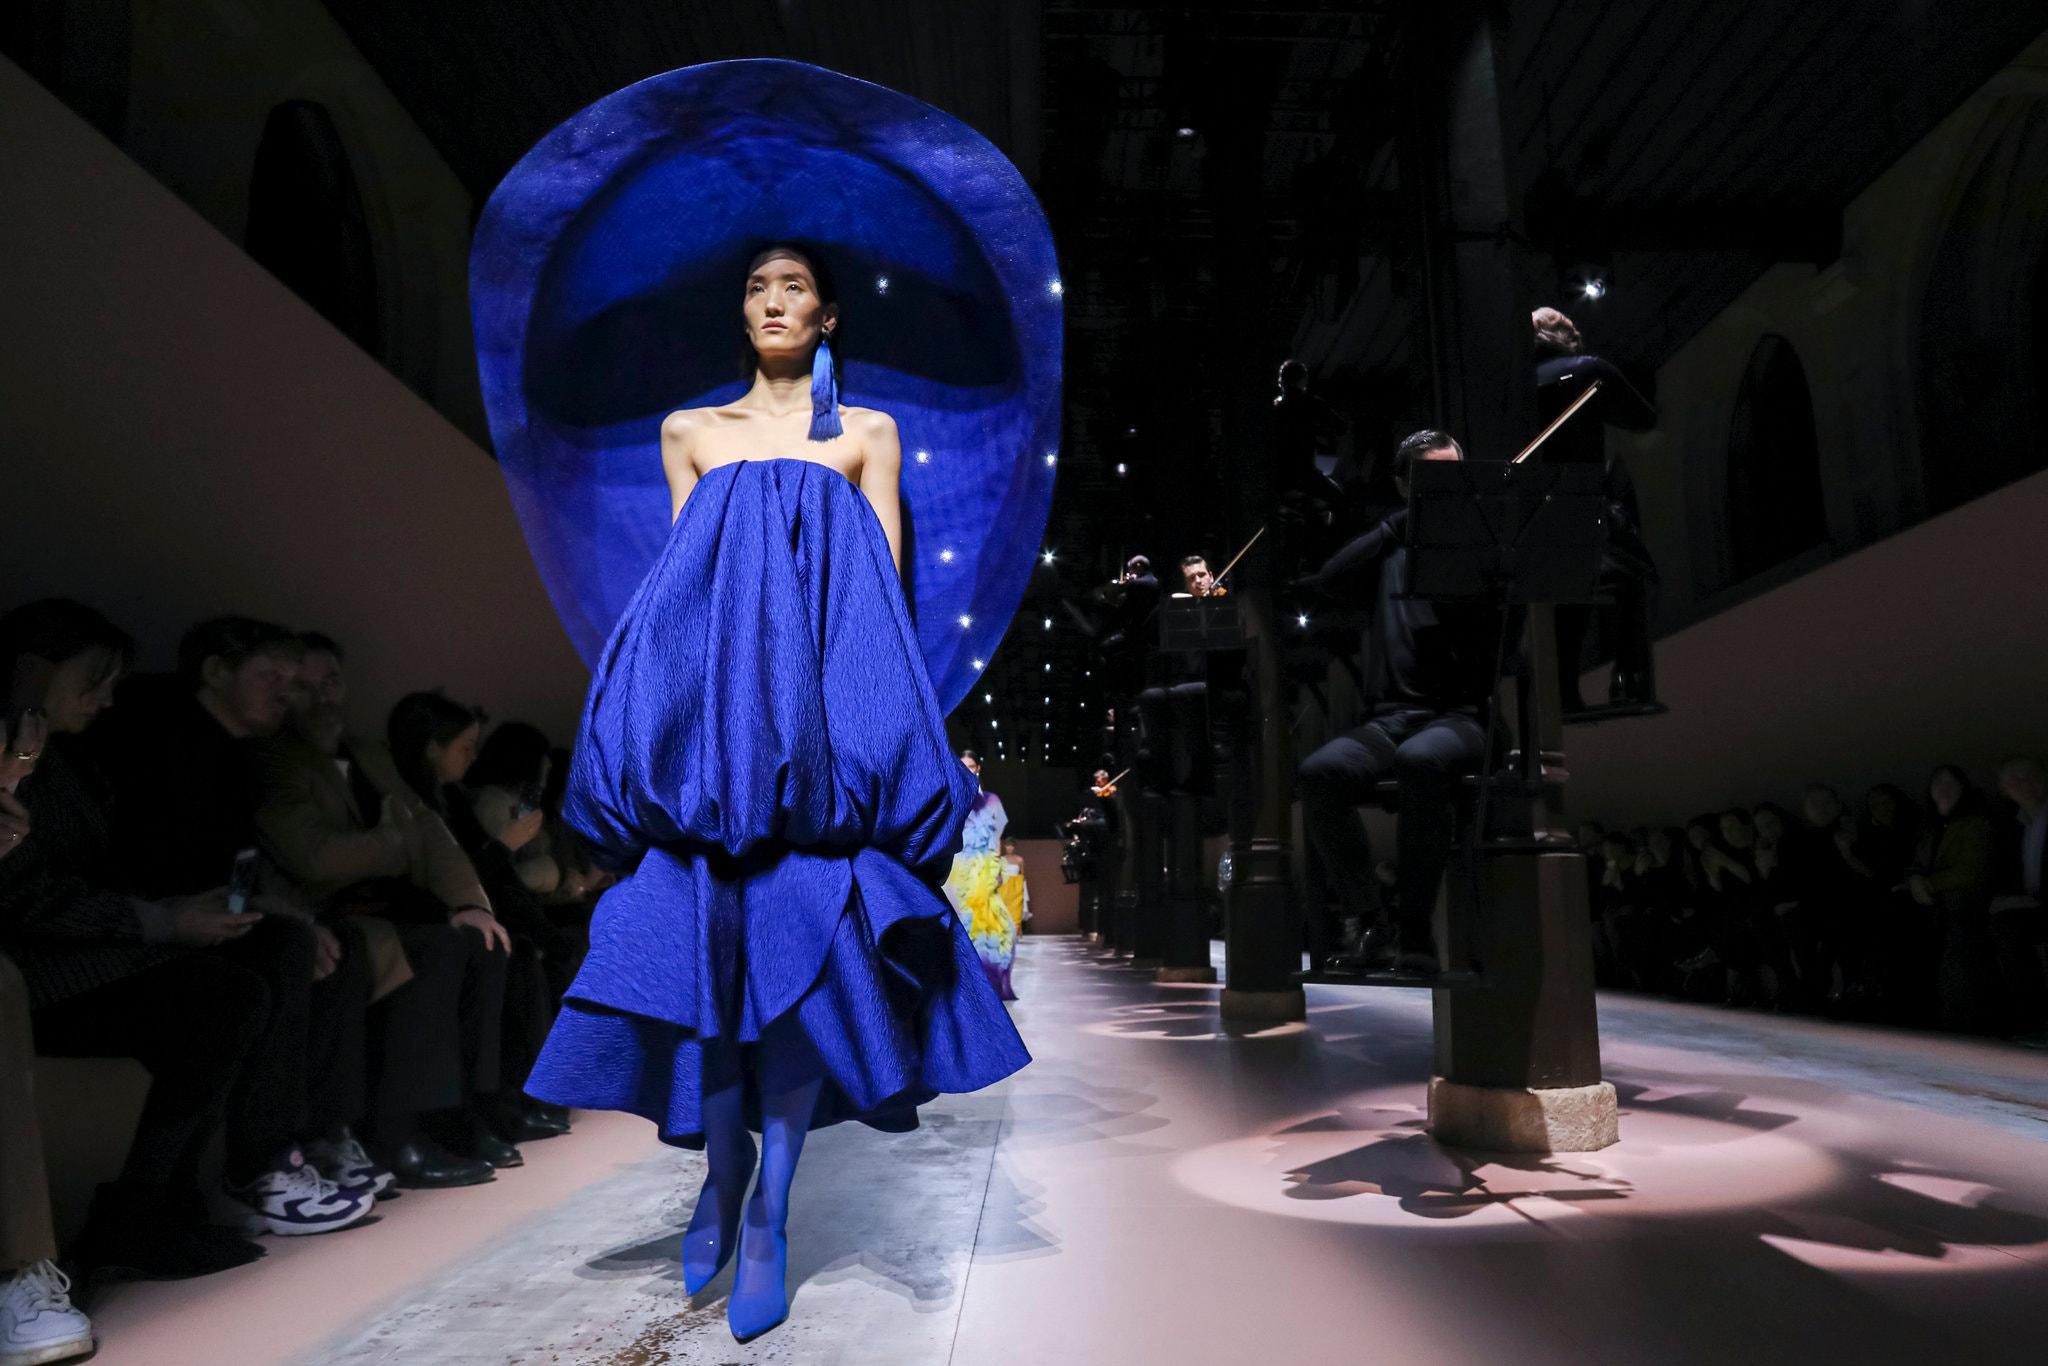 haute couture 4 - Le sfilate dell'Haute Couture parigina